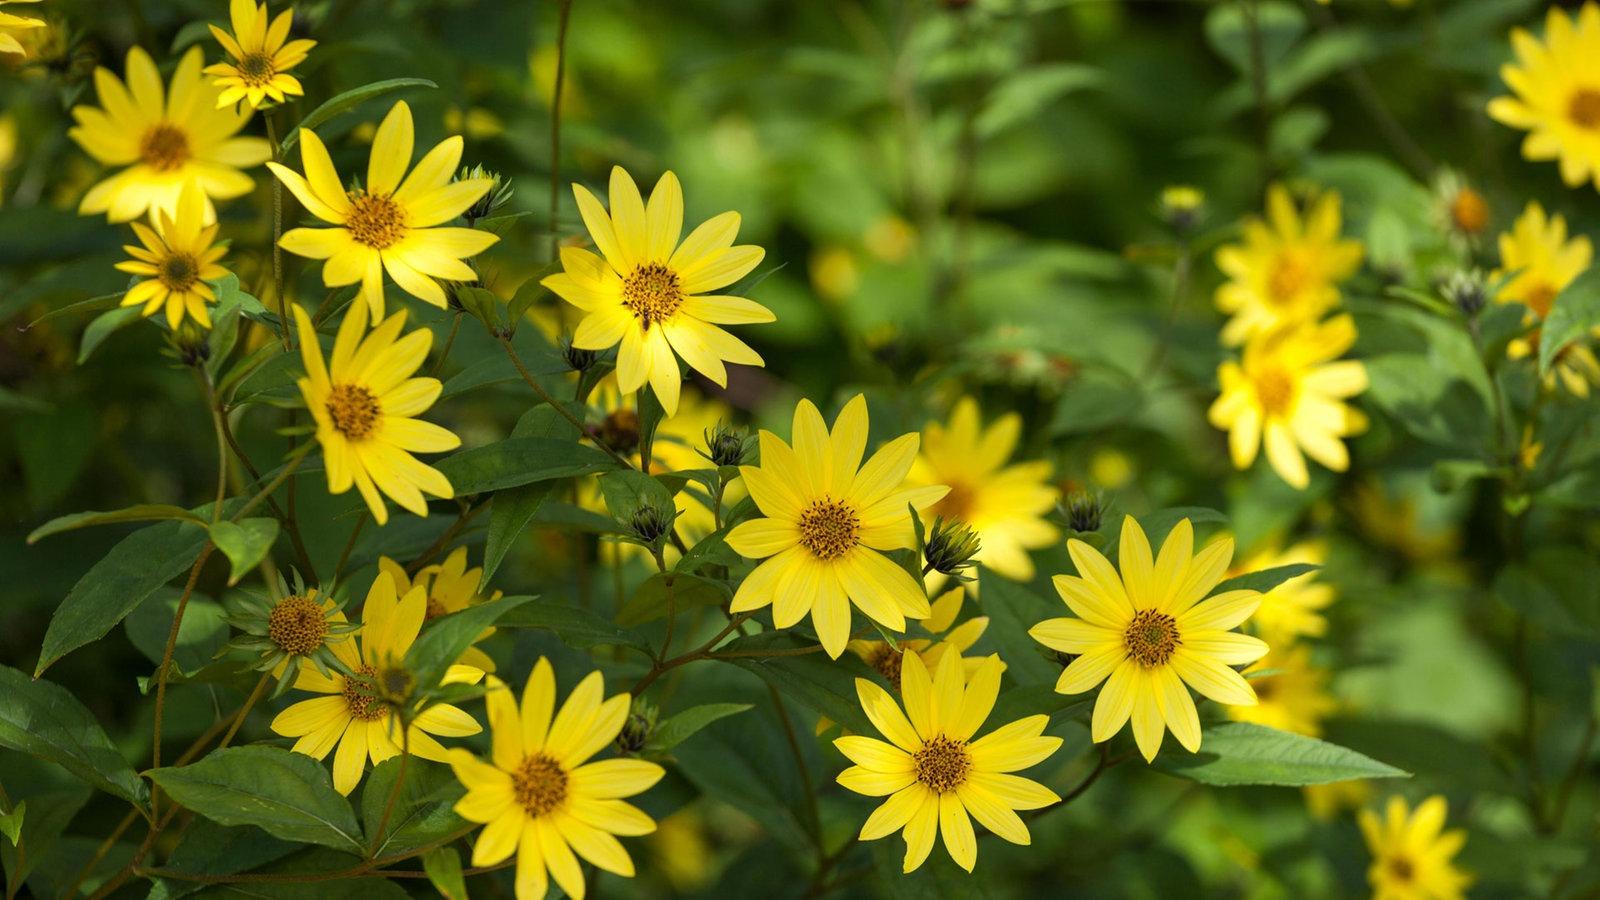 Elegant Malvorlagen sonnenblumen Ausdrucken